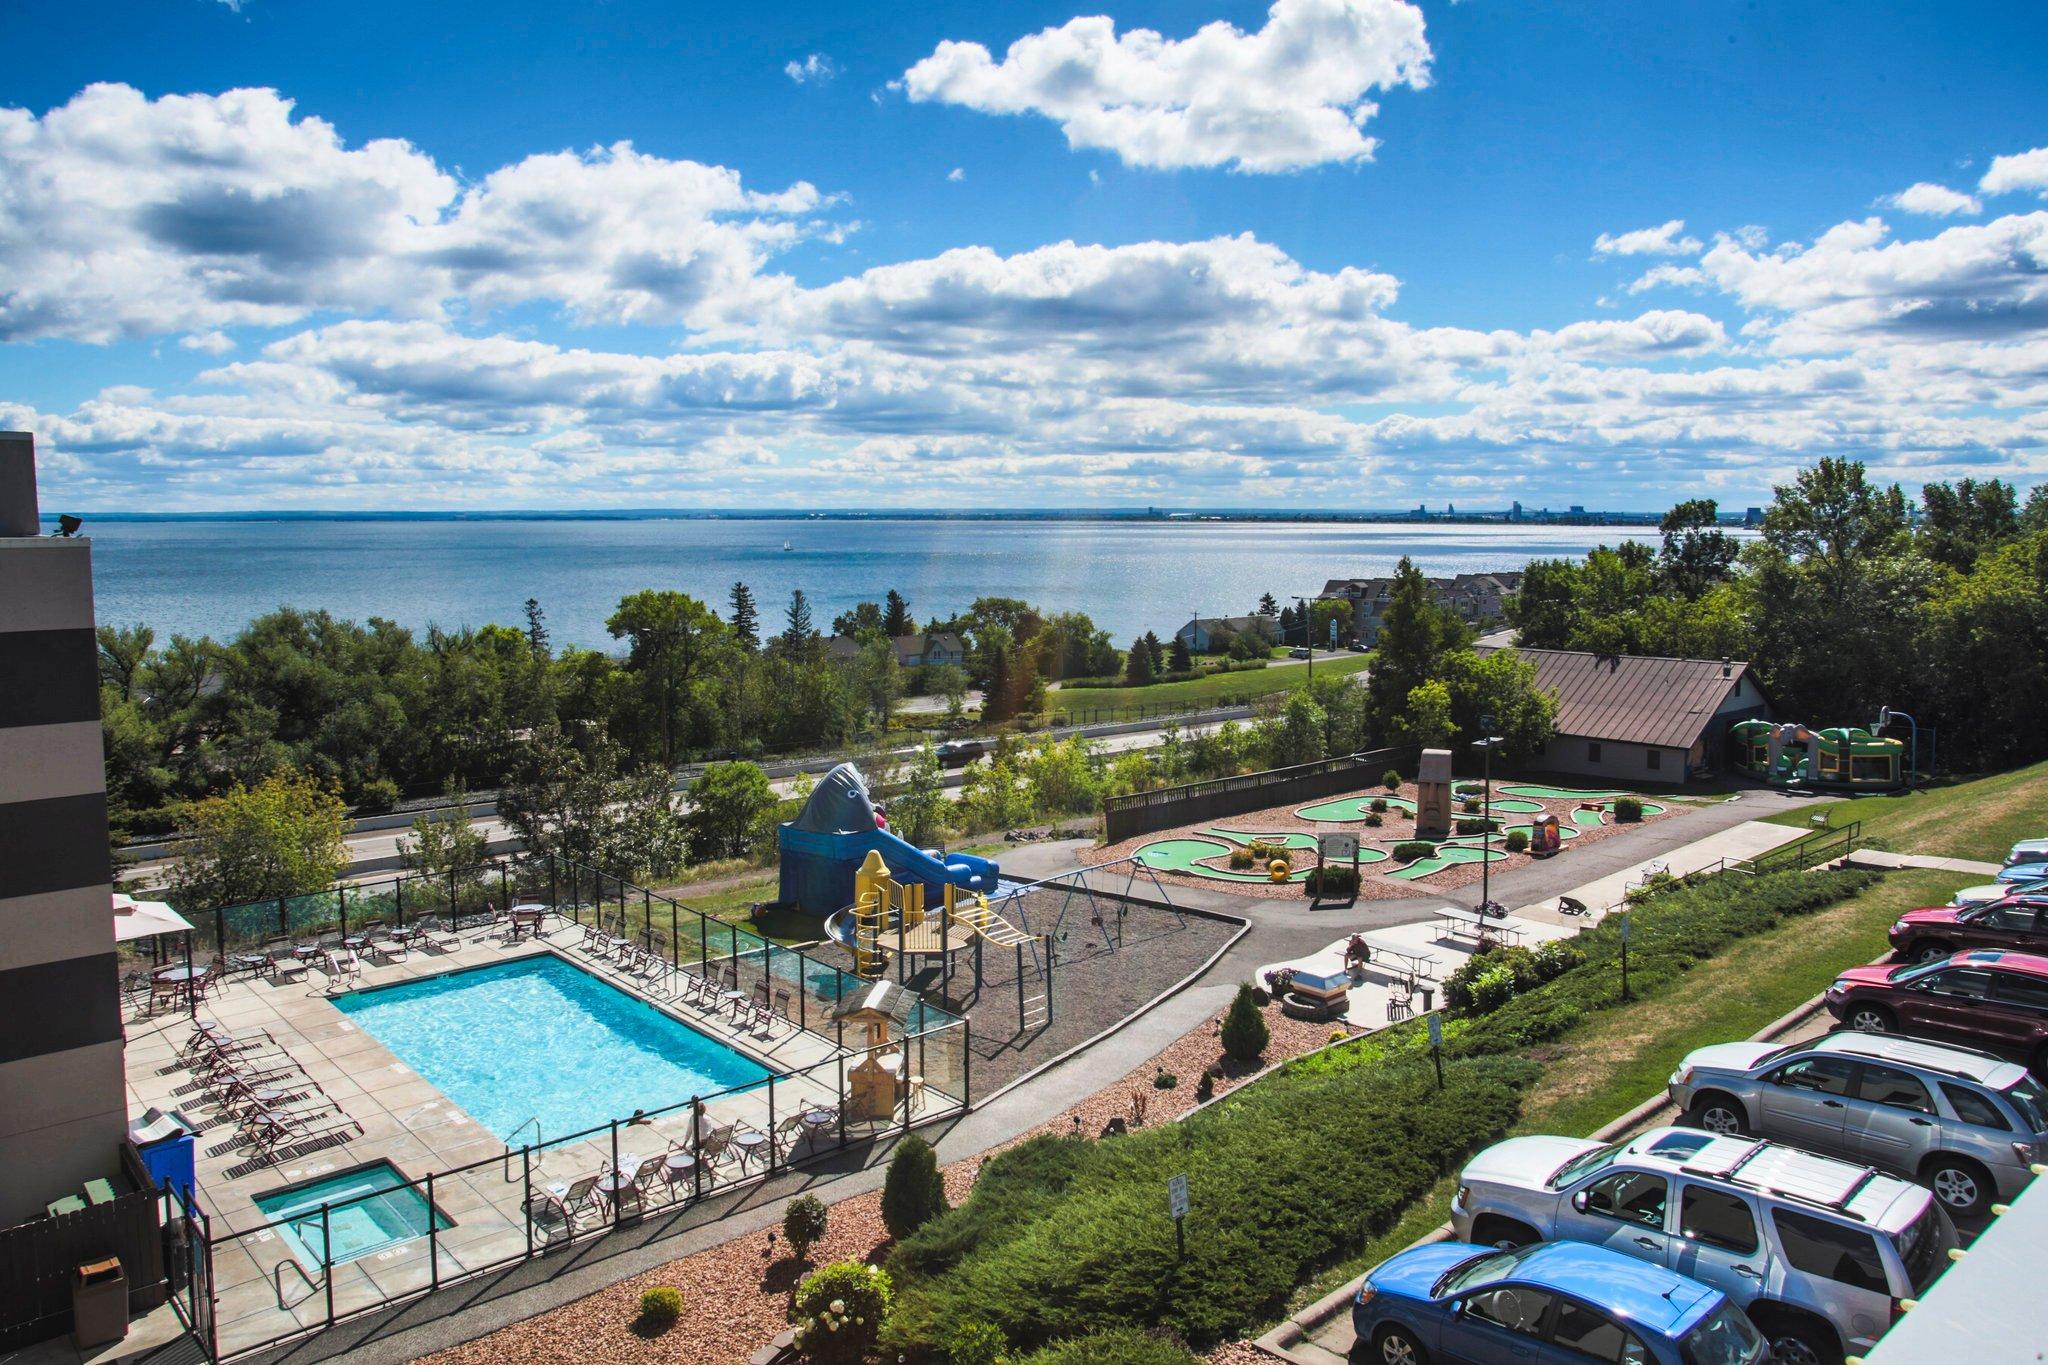 艾治沃特飯店和水上樂園